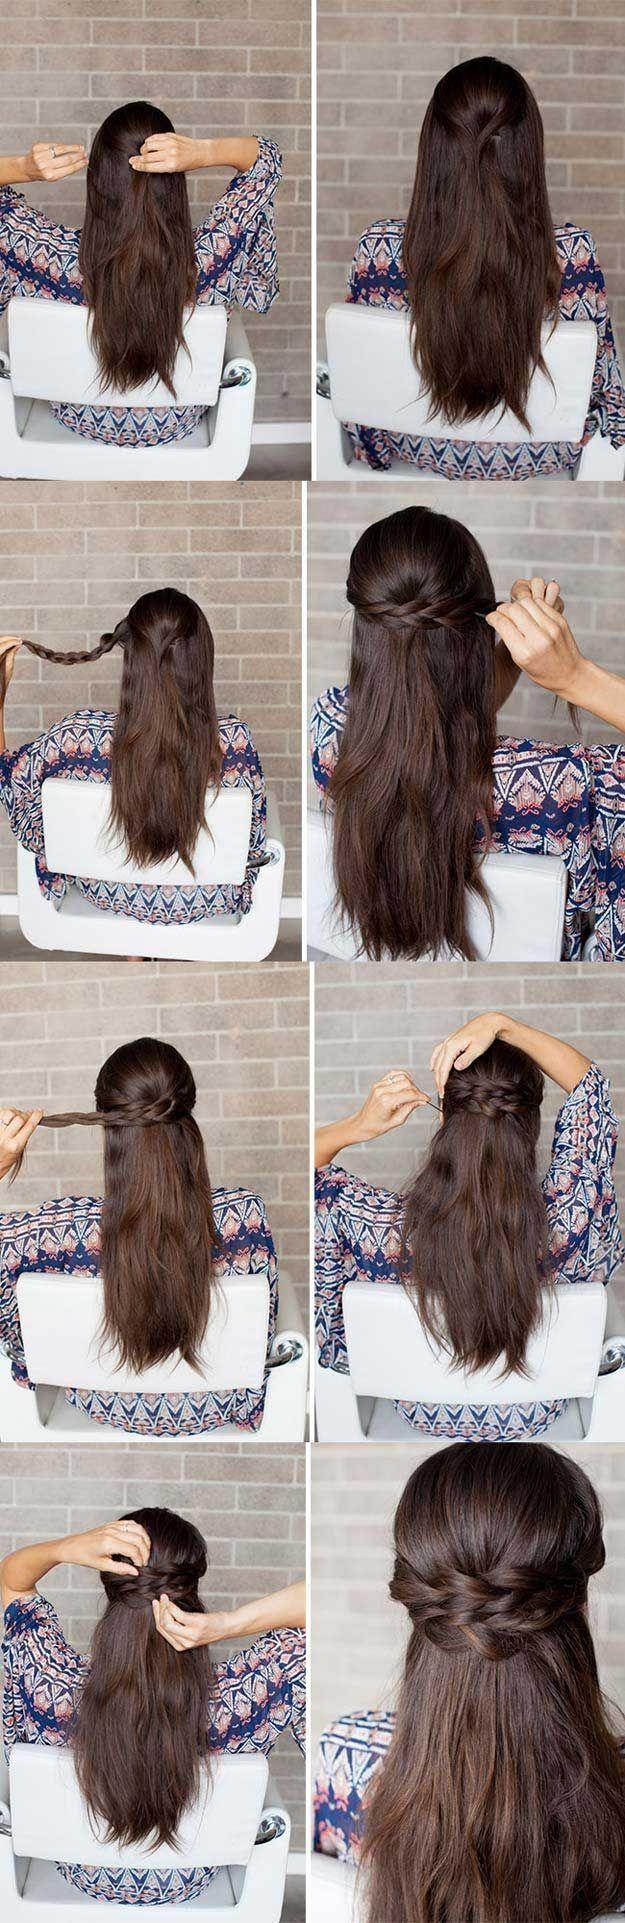 Erstaunliche halb hoch halb runter Frisuren für langes Haar – geflochtene halb …